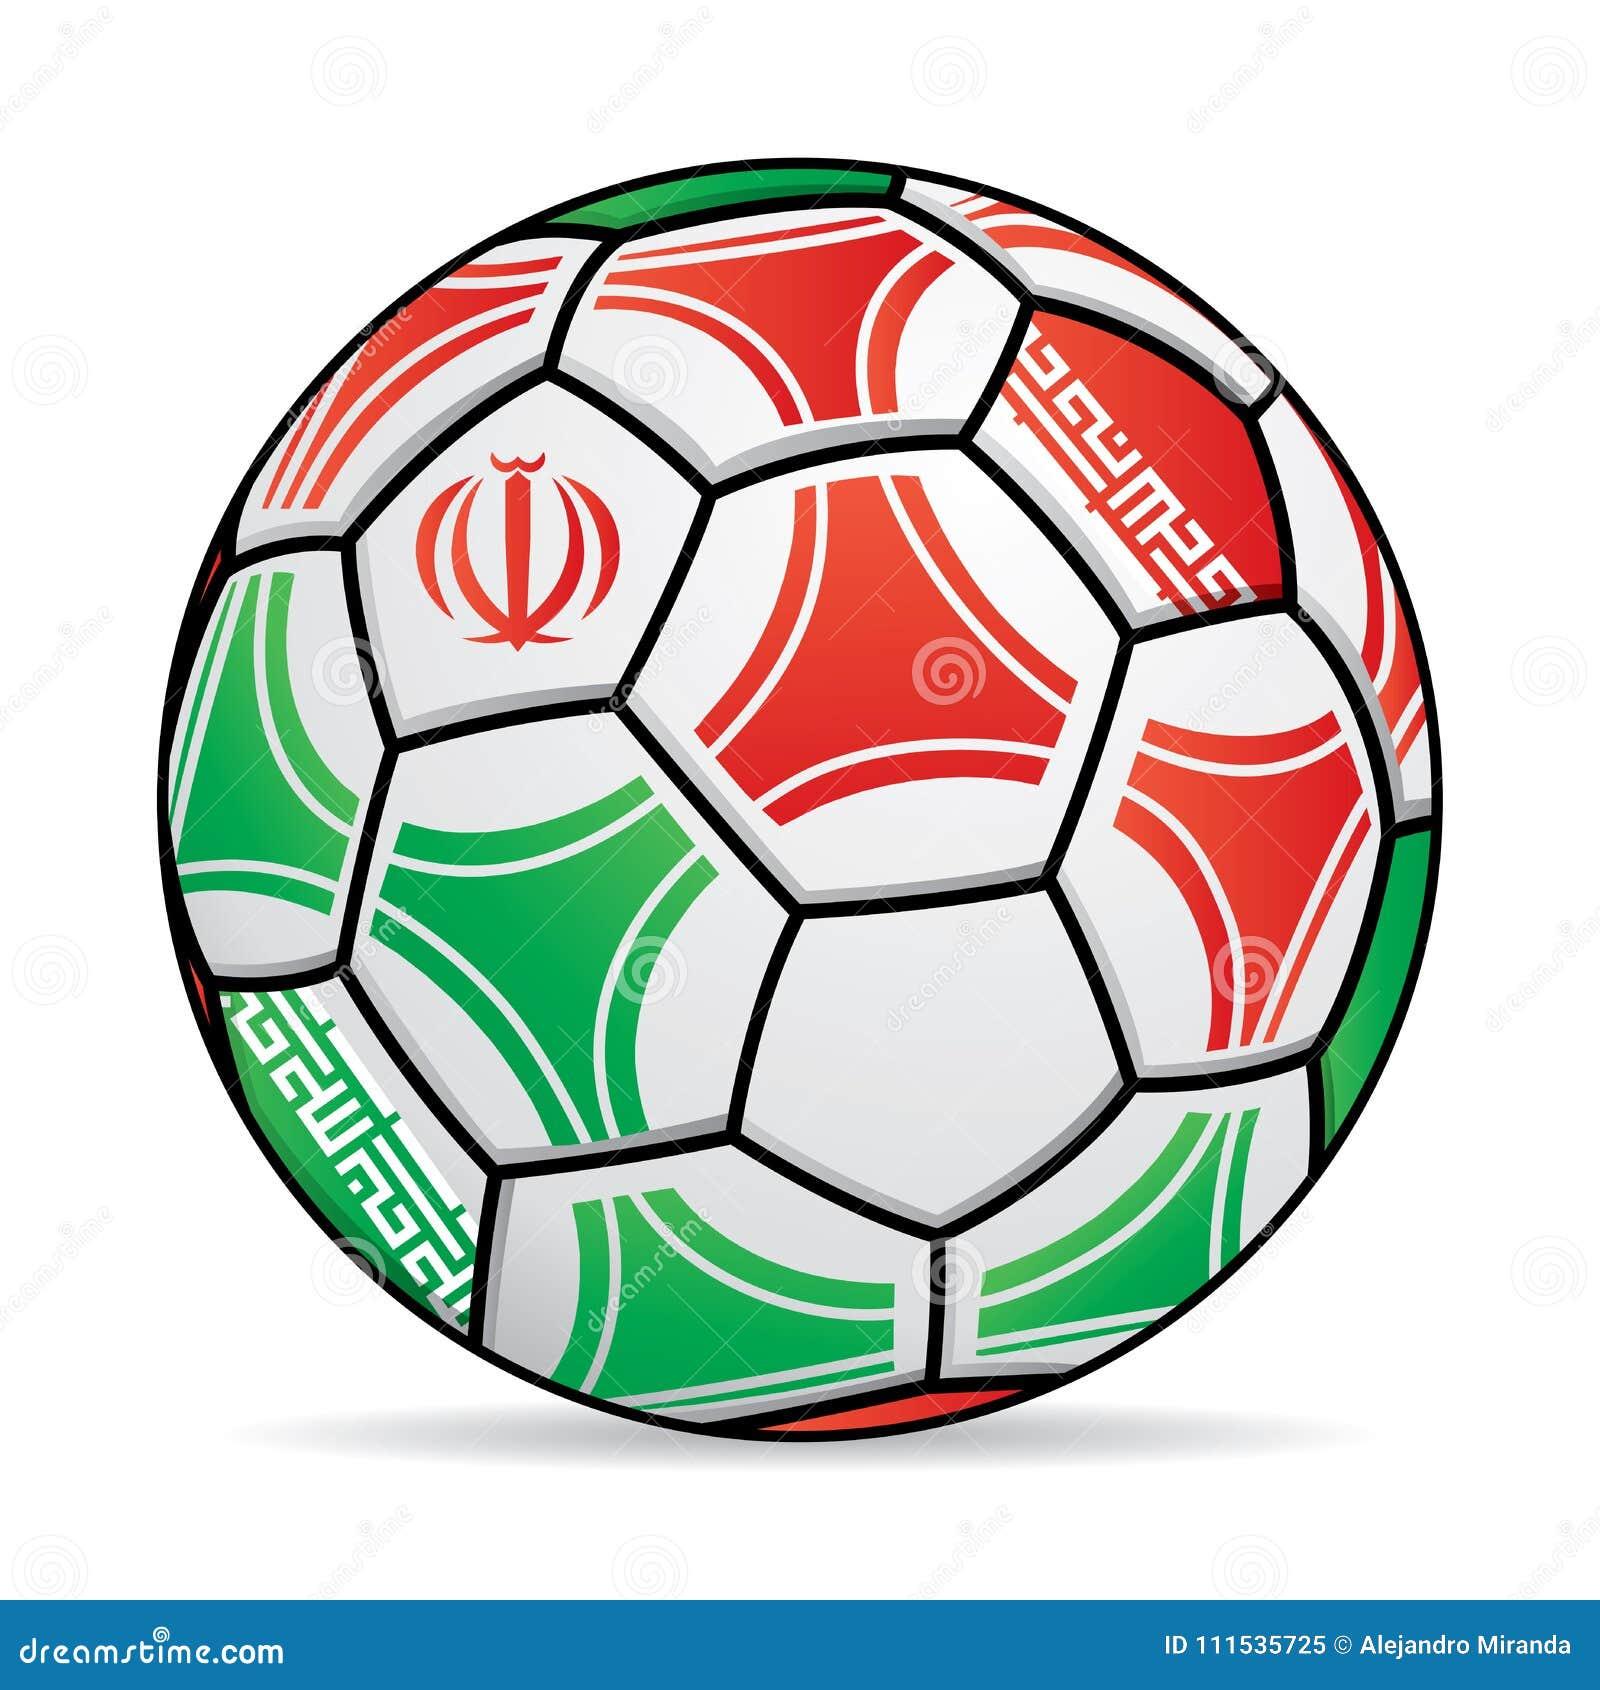 Groß Fußball Helm Malvorlagen Fotos - Malvorlagen-Ideen ...